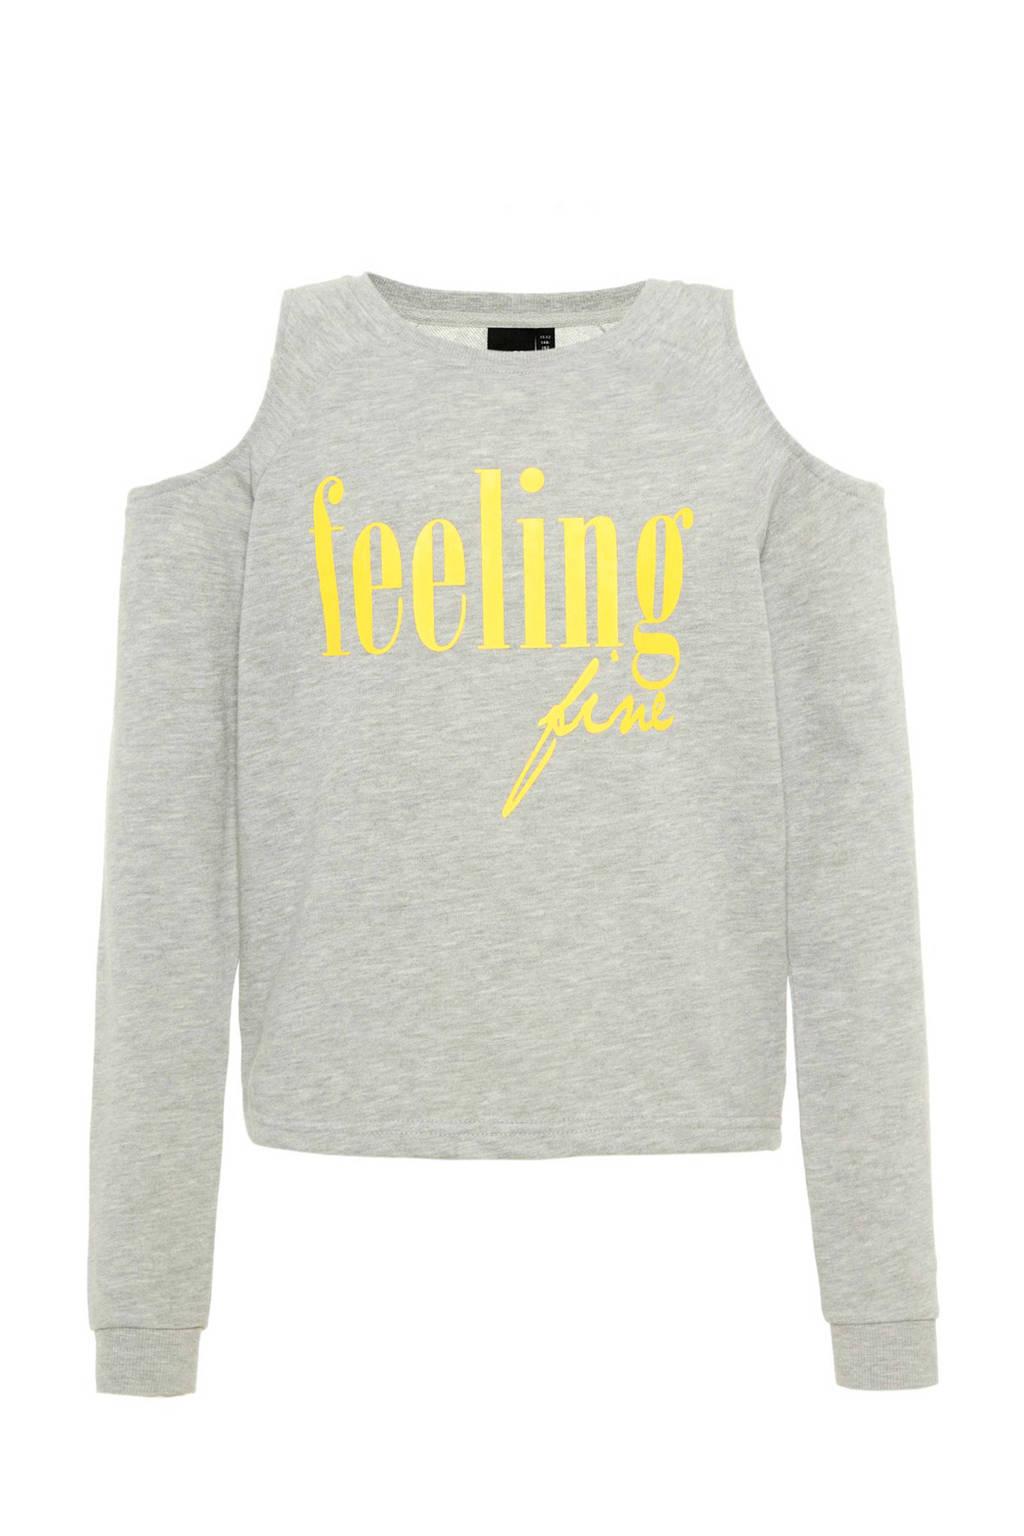 LMTD open shoulder sweater met tekst grijs melange, Grijs melange